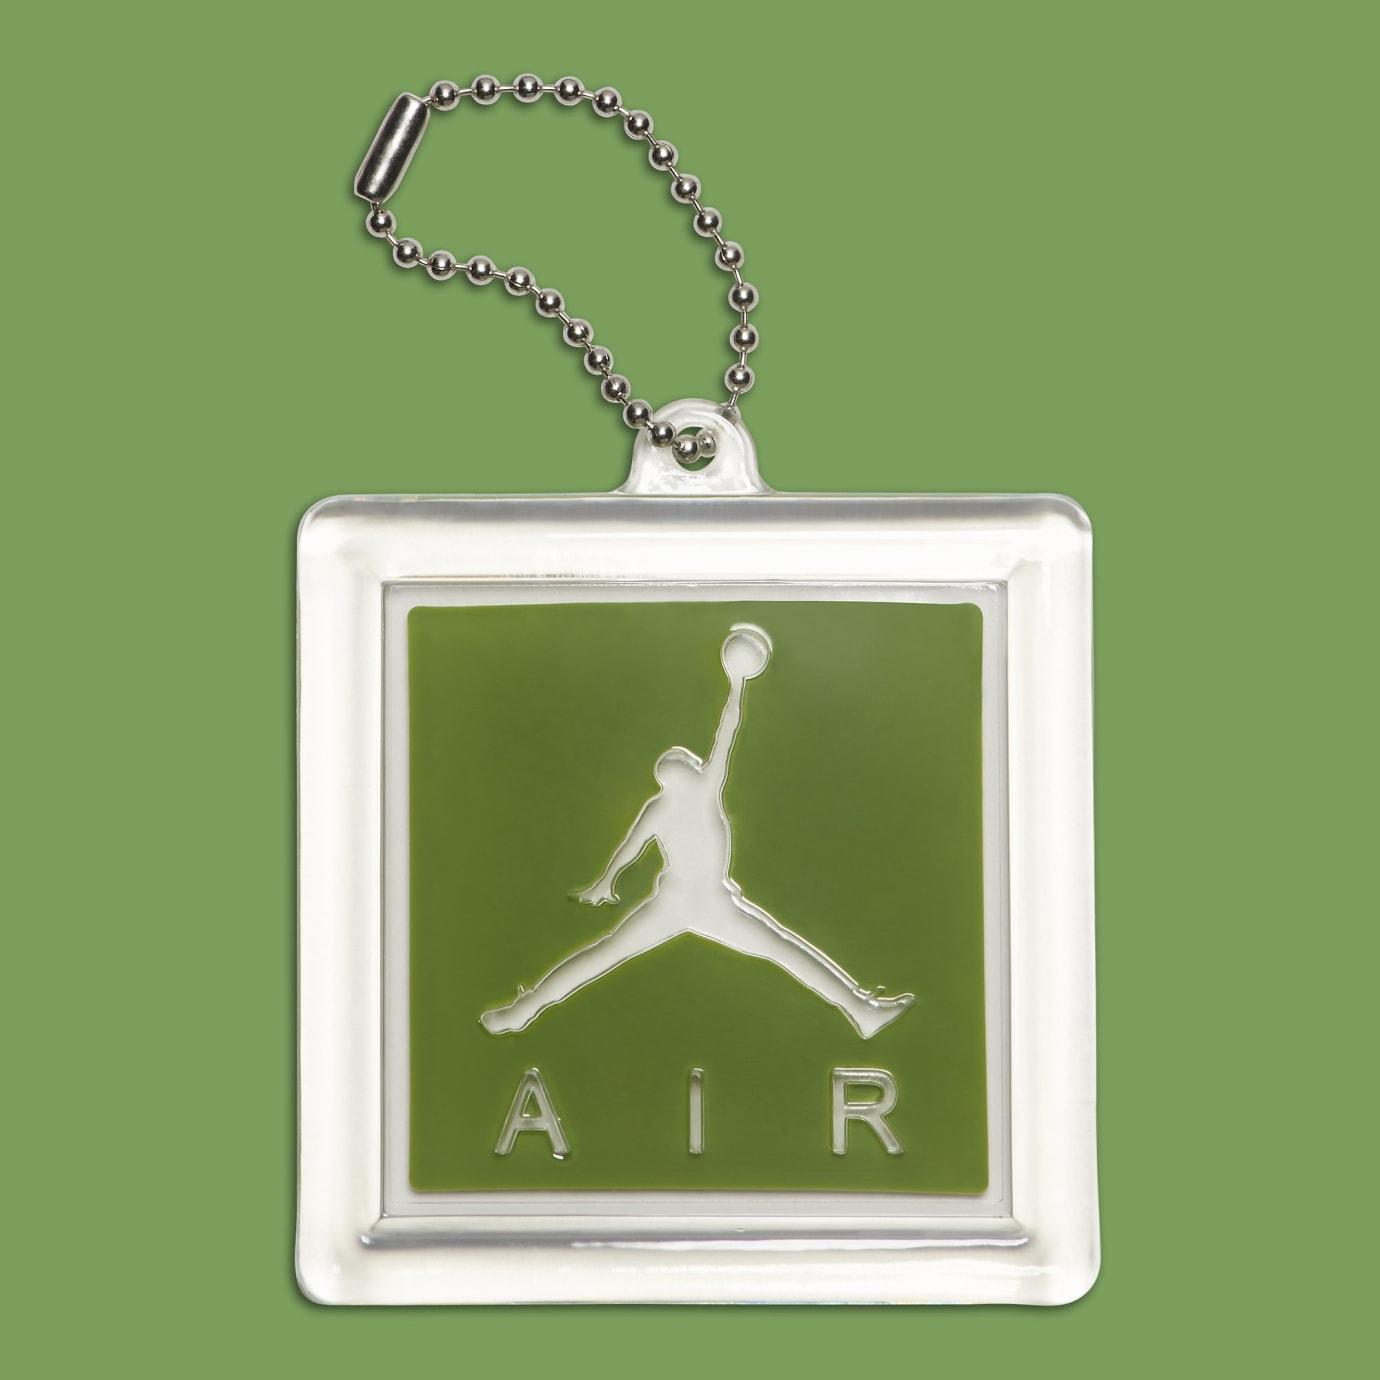 09bae03c54c Image via Nike Air Jordan 3 III Chlorophyll Tinker Release Date 136064-006  Hang Tag